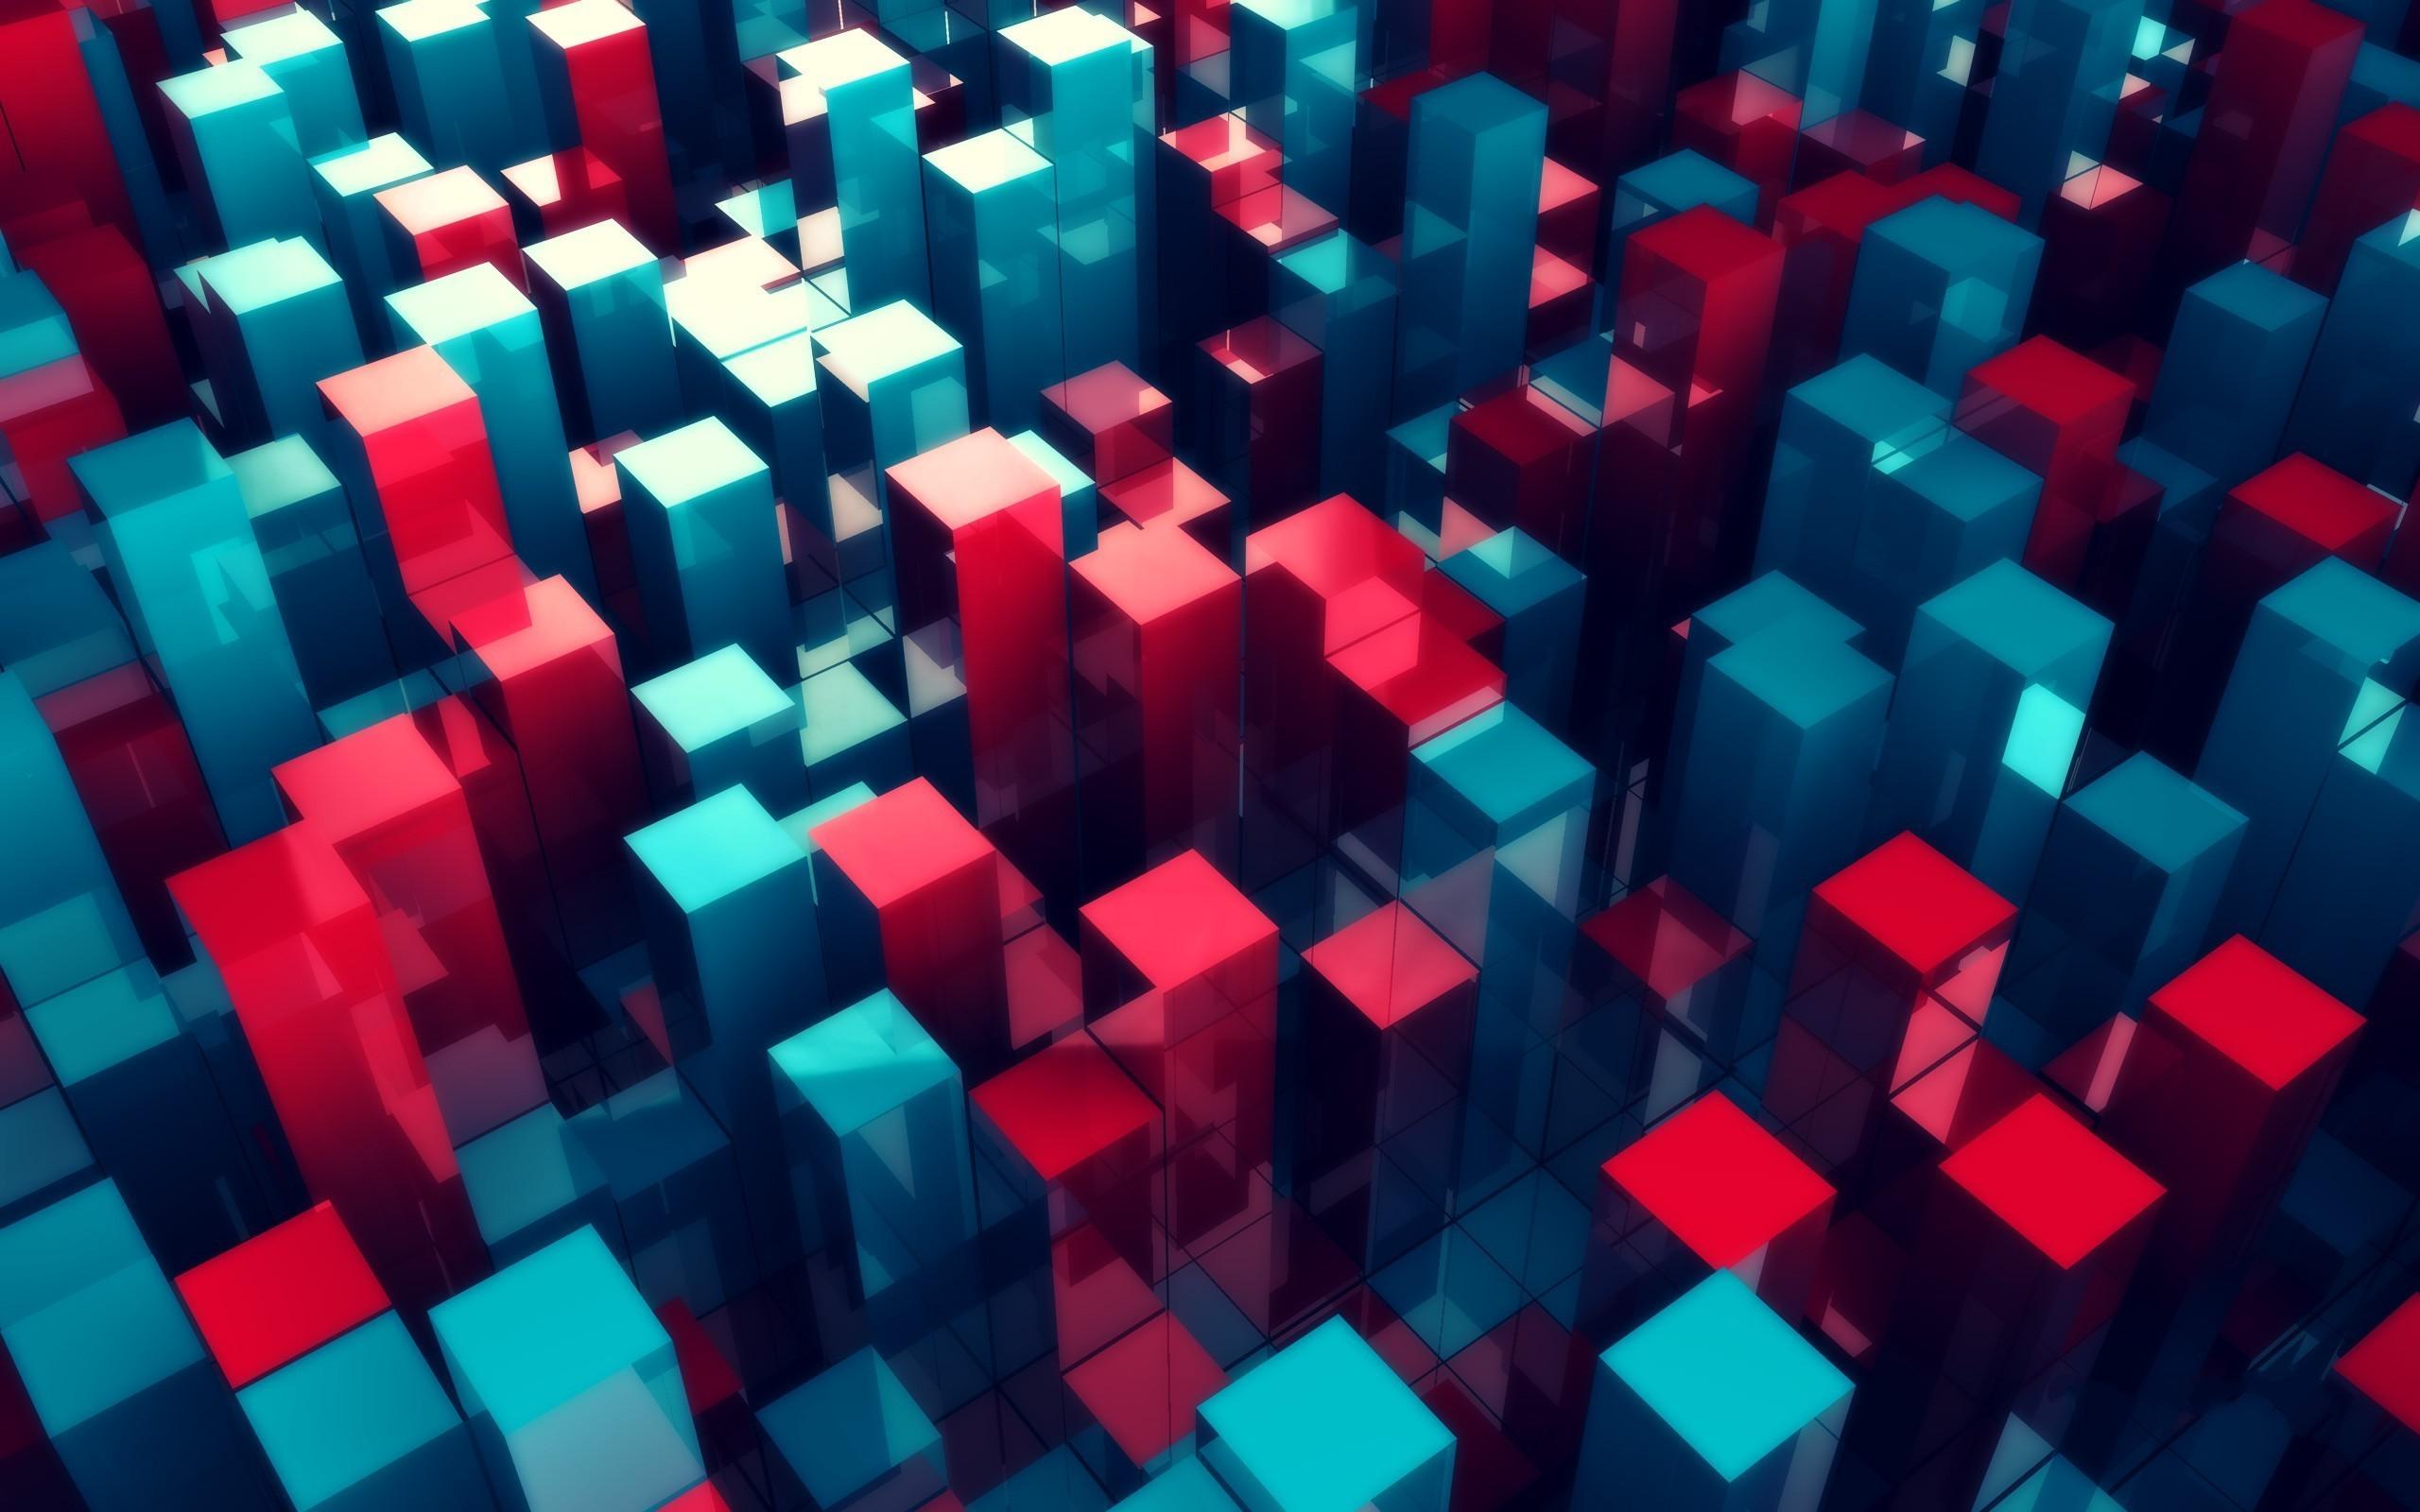 Абстрактные картинки с кубиками